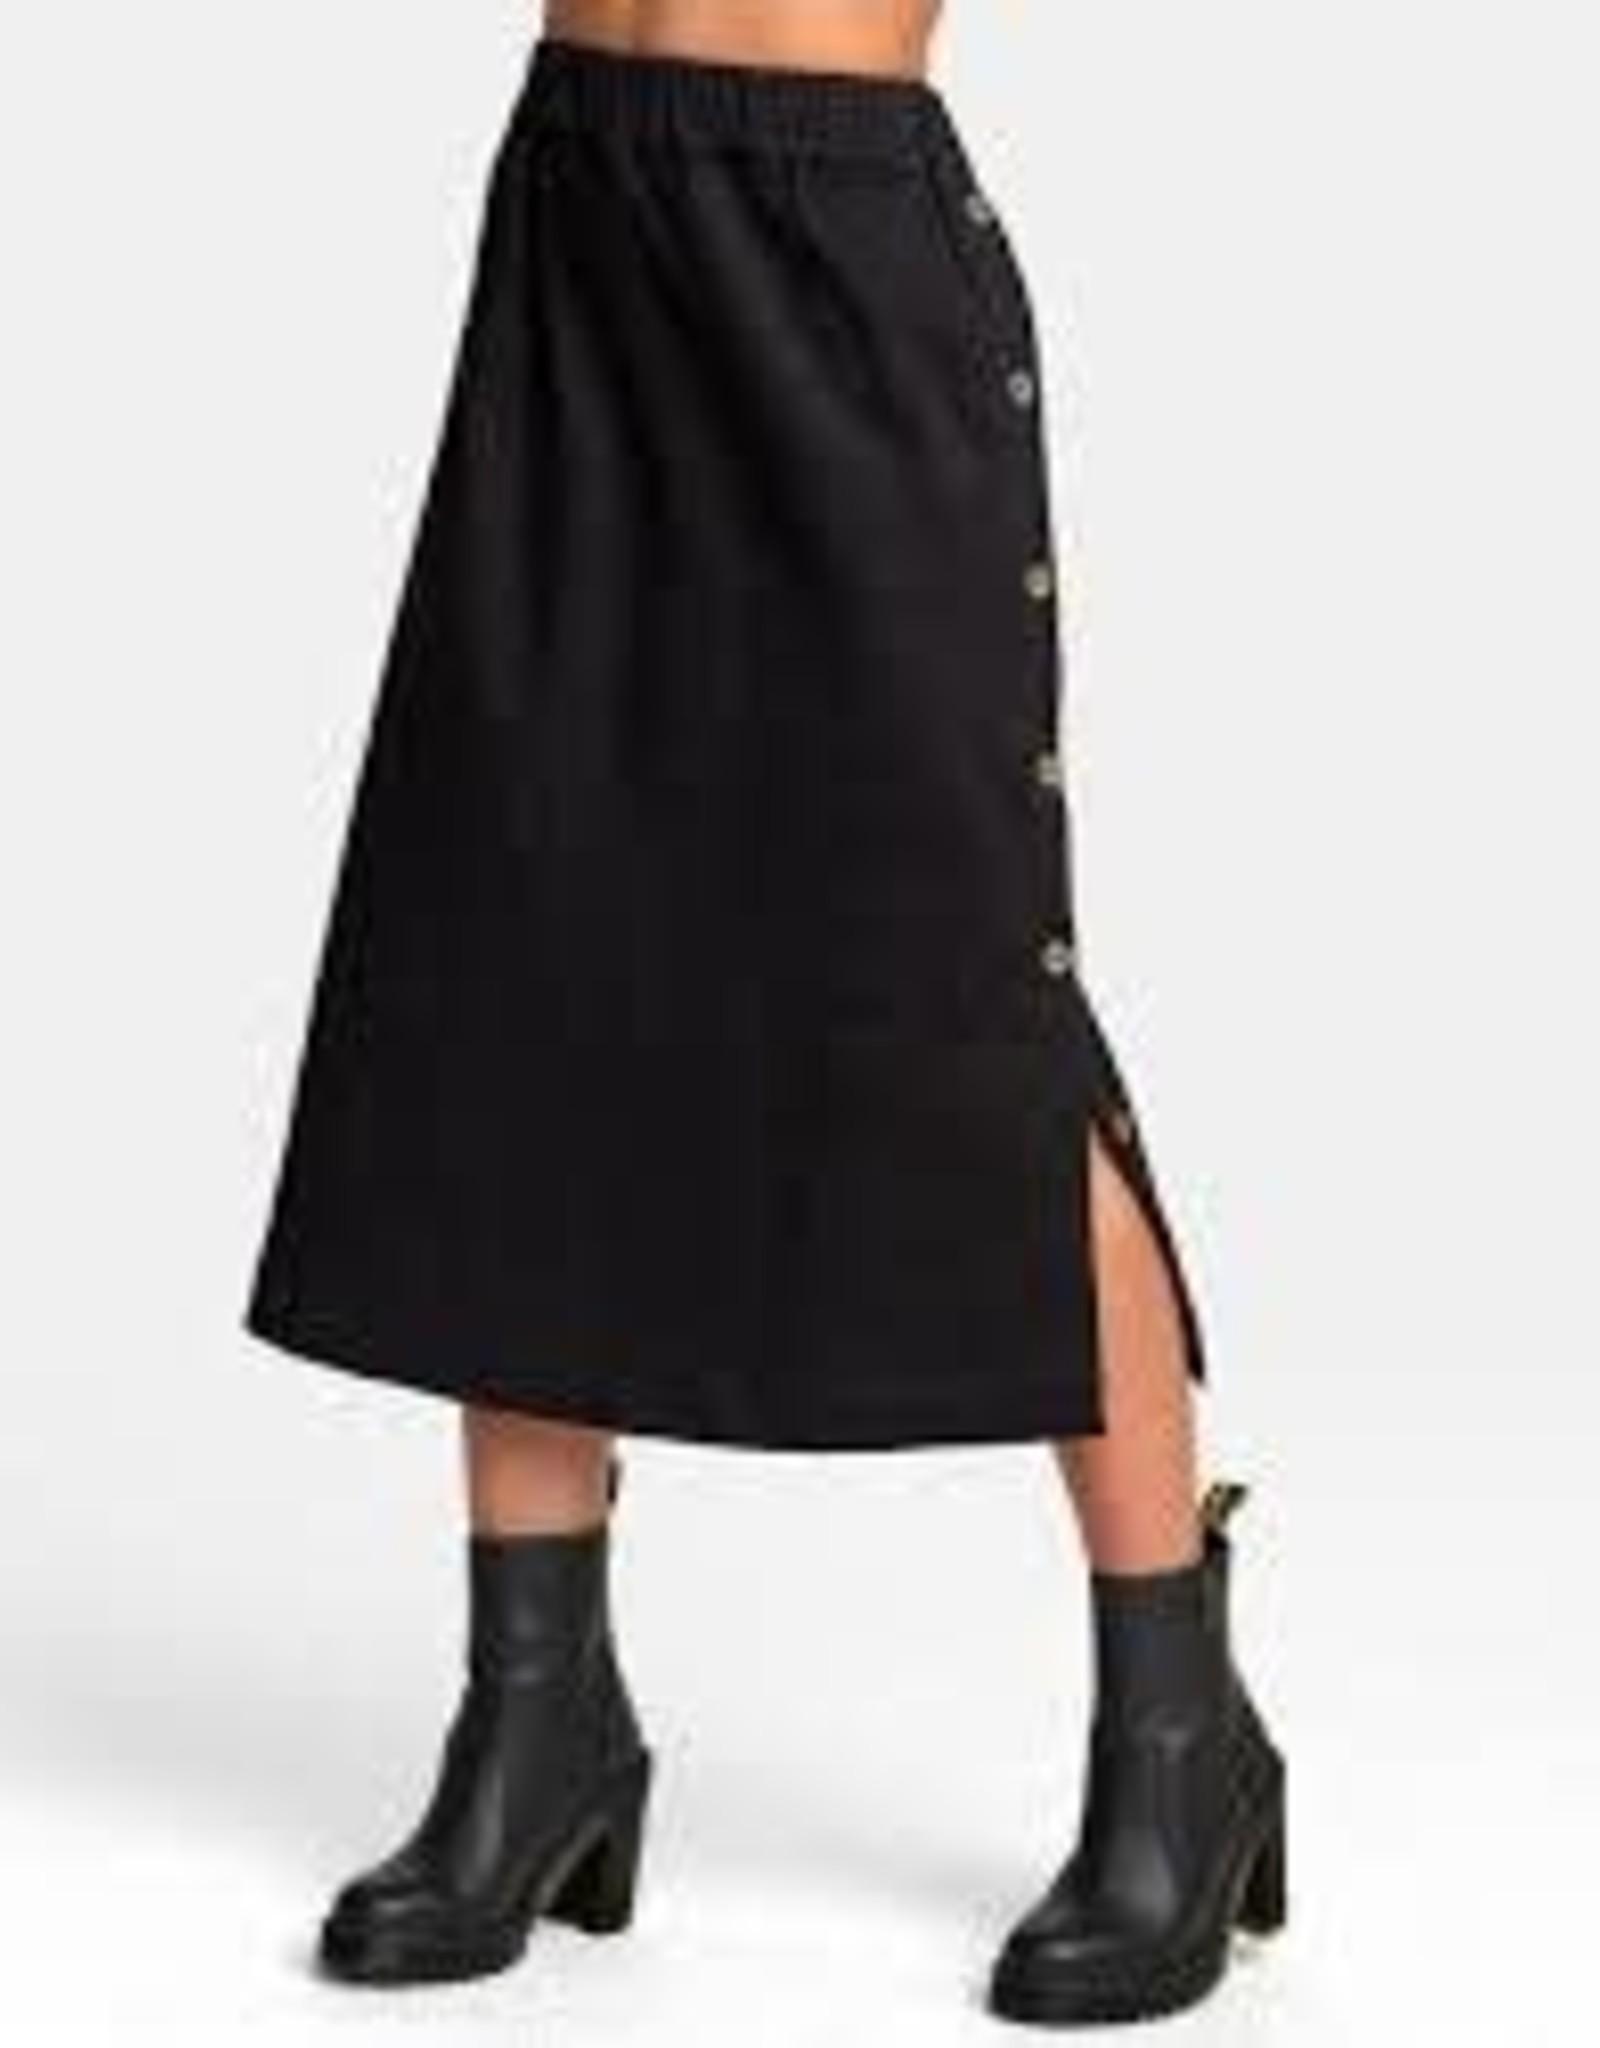 RVCA Jinn Skirt